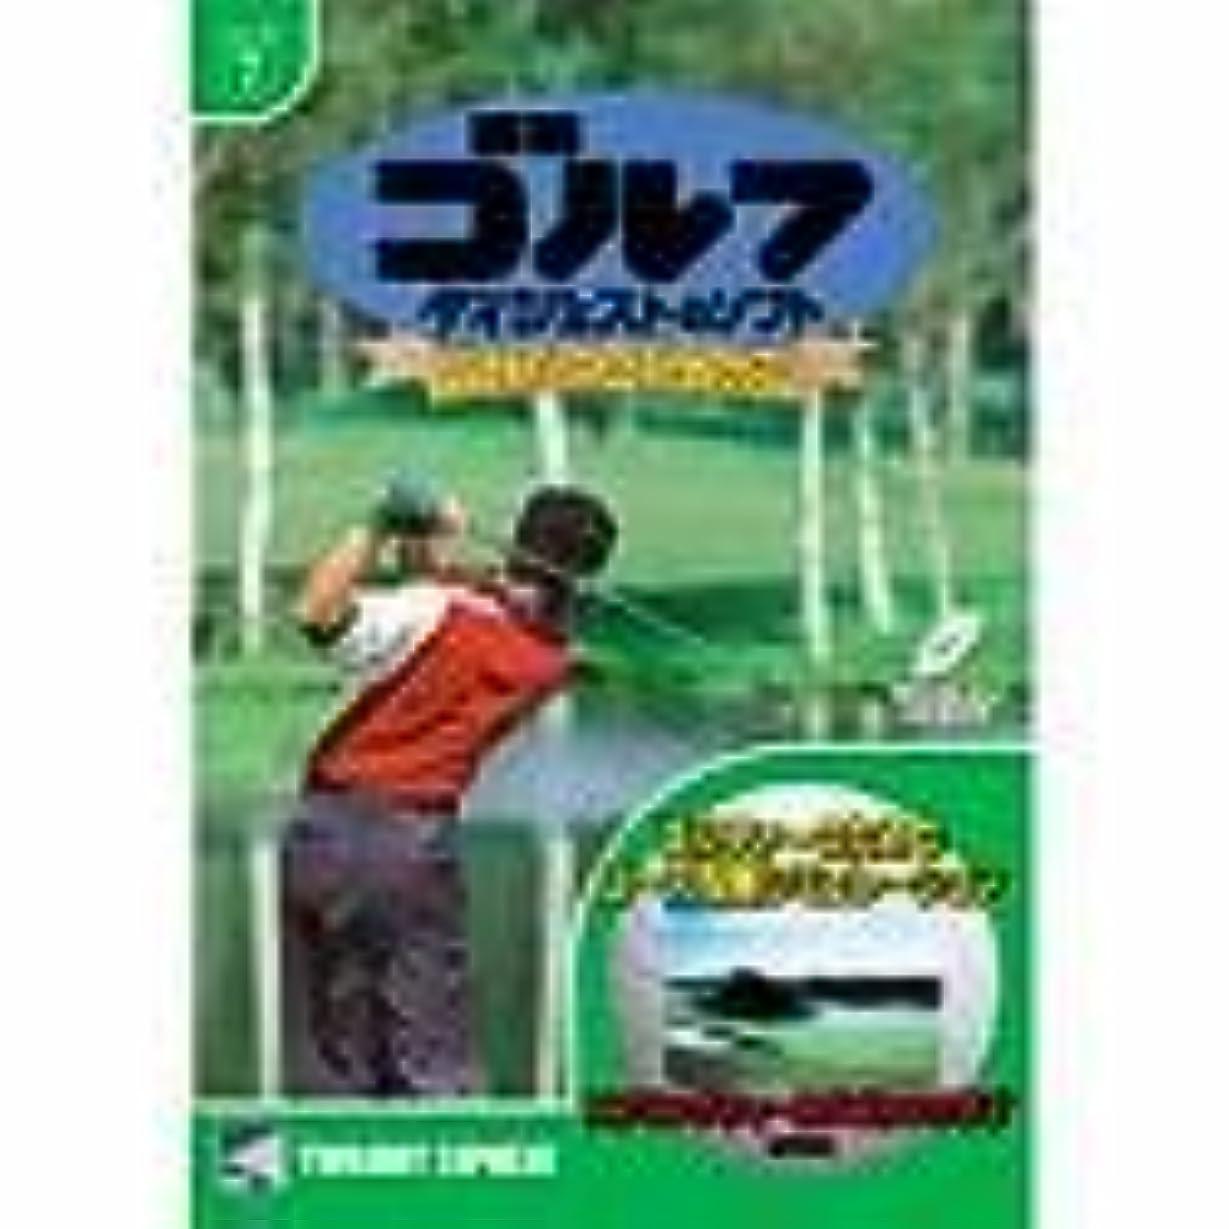 未使用正直移行ゴルフダイジェスト ベストセレクション スプリングフィールドゴルフクラブ